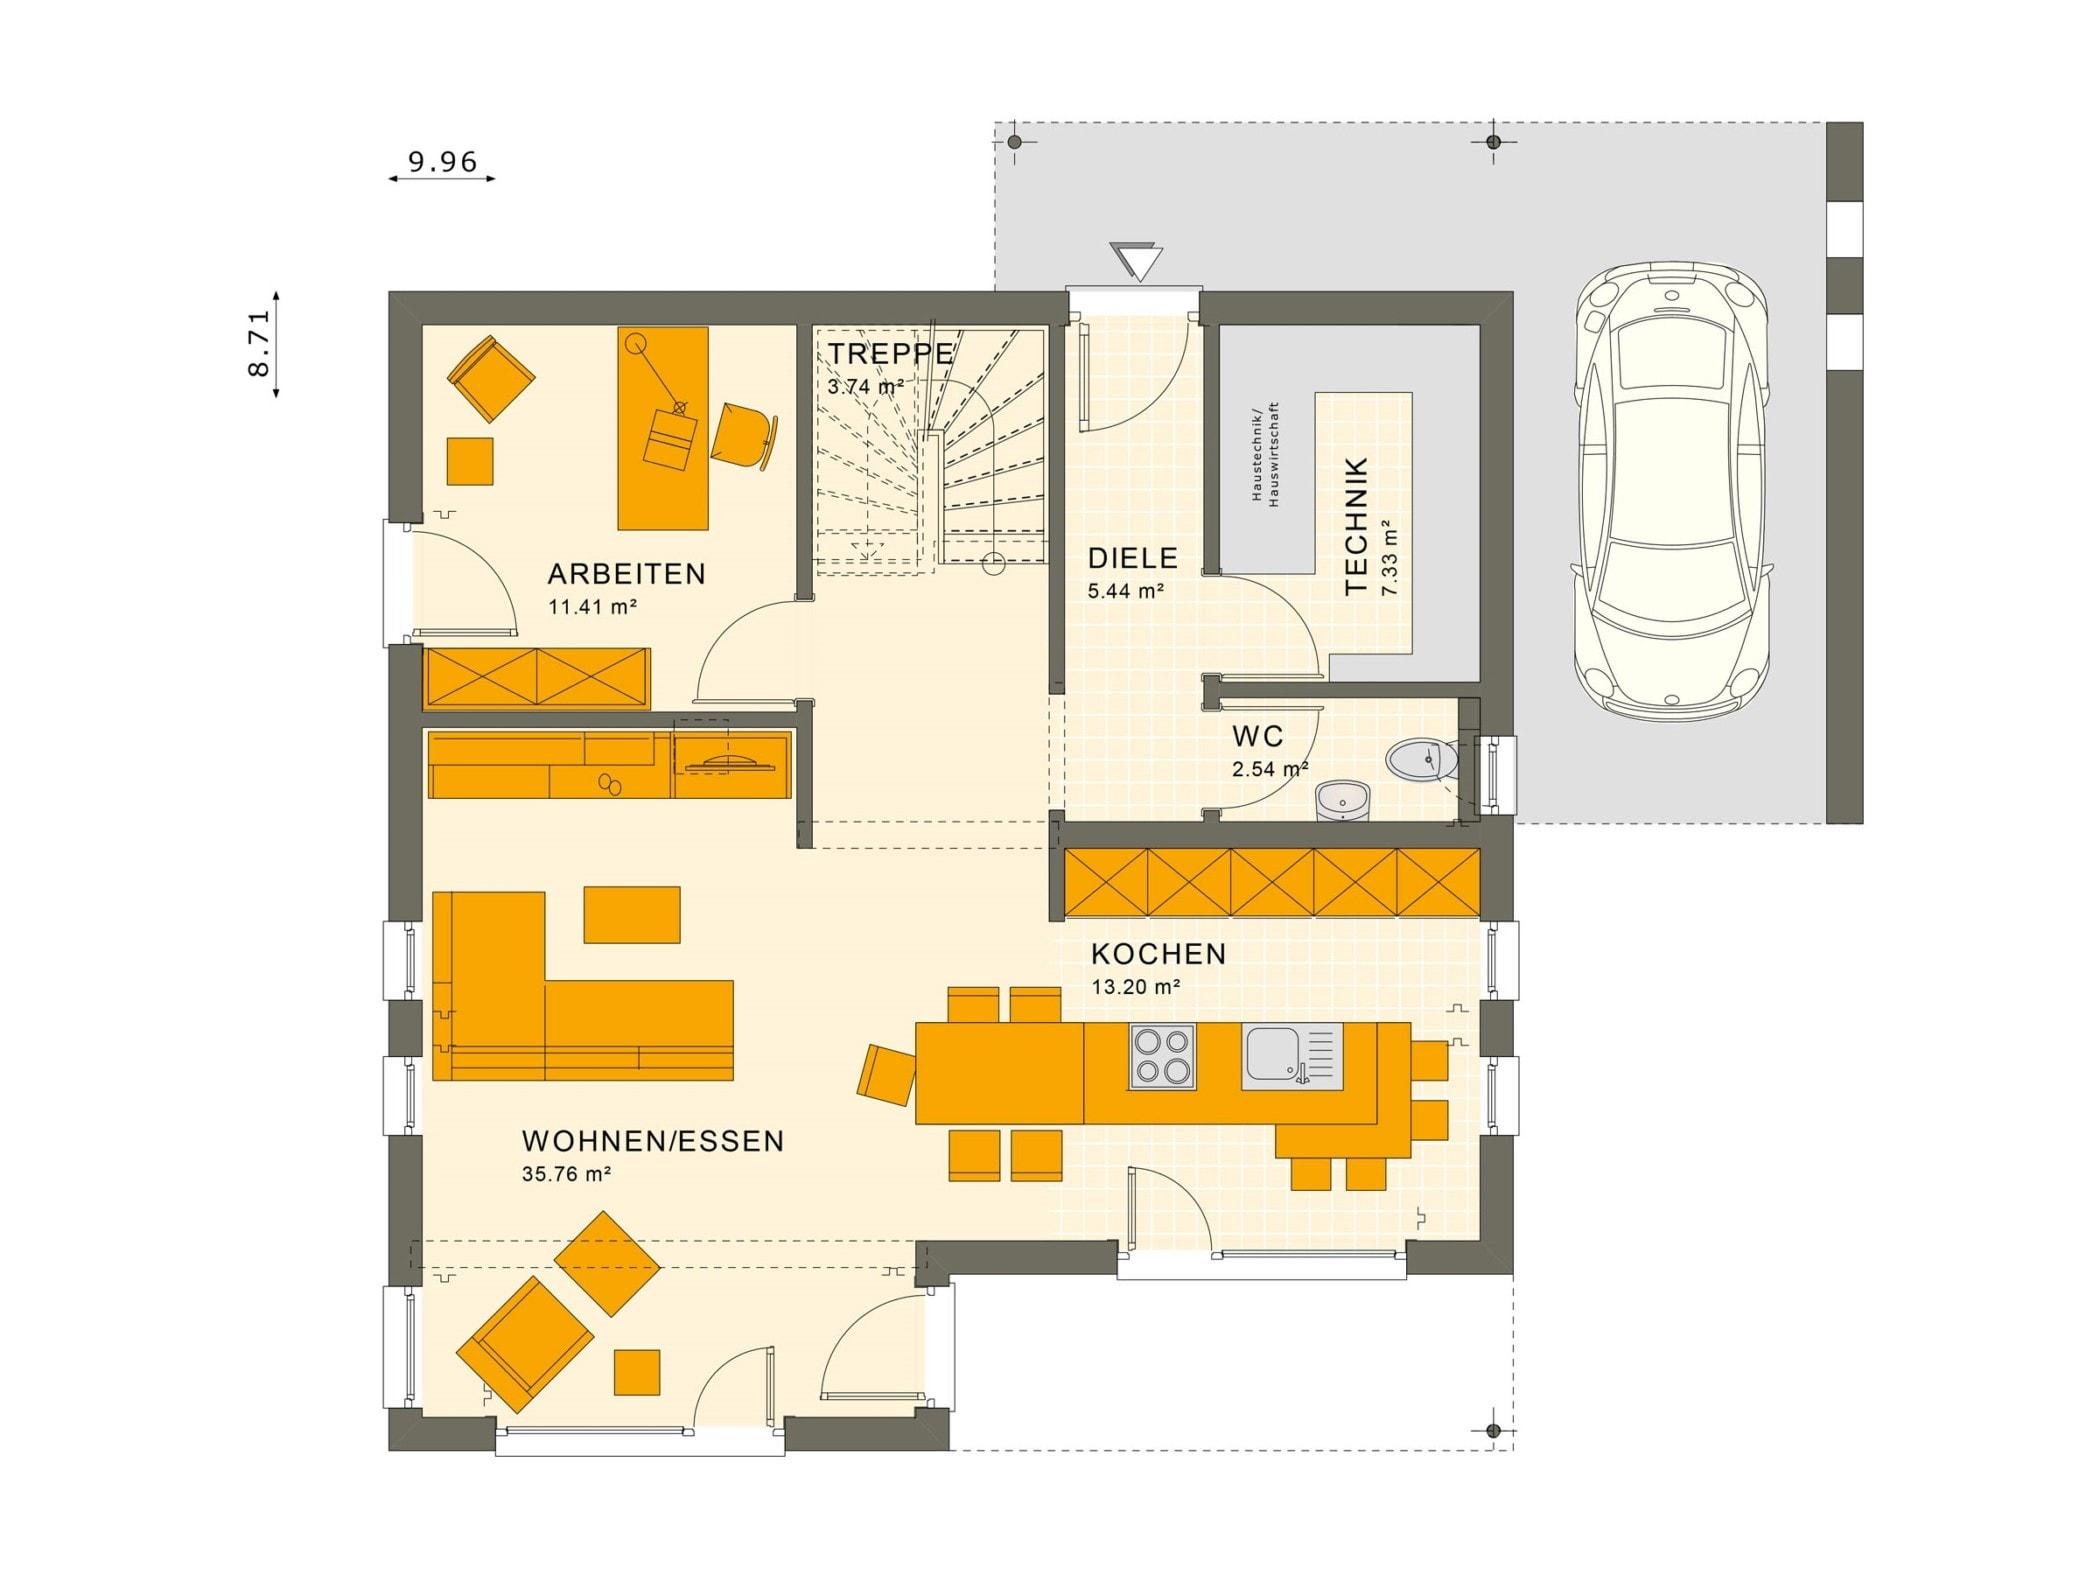 Grundriss Einfamilienhaus Erdgeschoss mit Carport & Erker, 5 Zimmer, 145 qm - Fertighaus bauen Ideen Living Haus SUNSHINE 143 V7 - HausbauDirekt.de